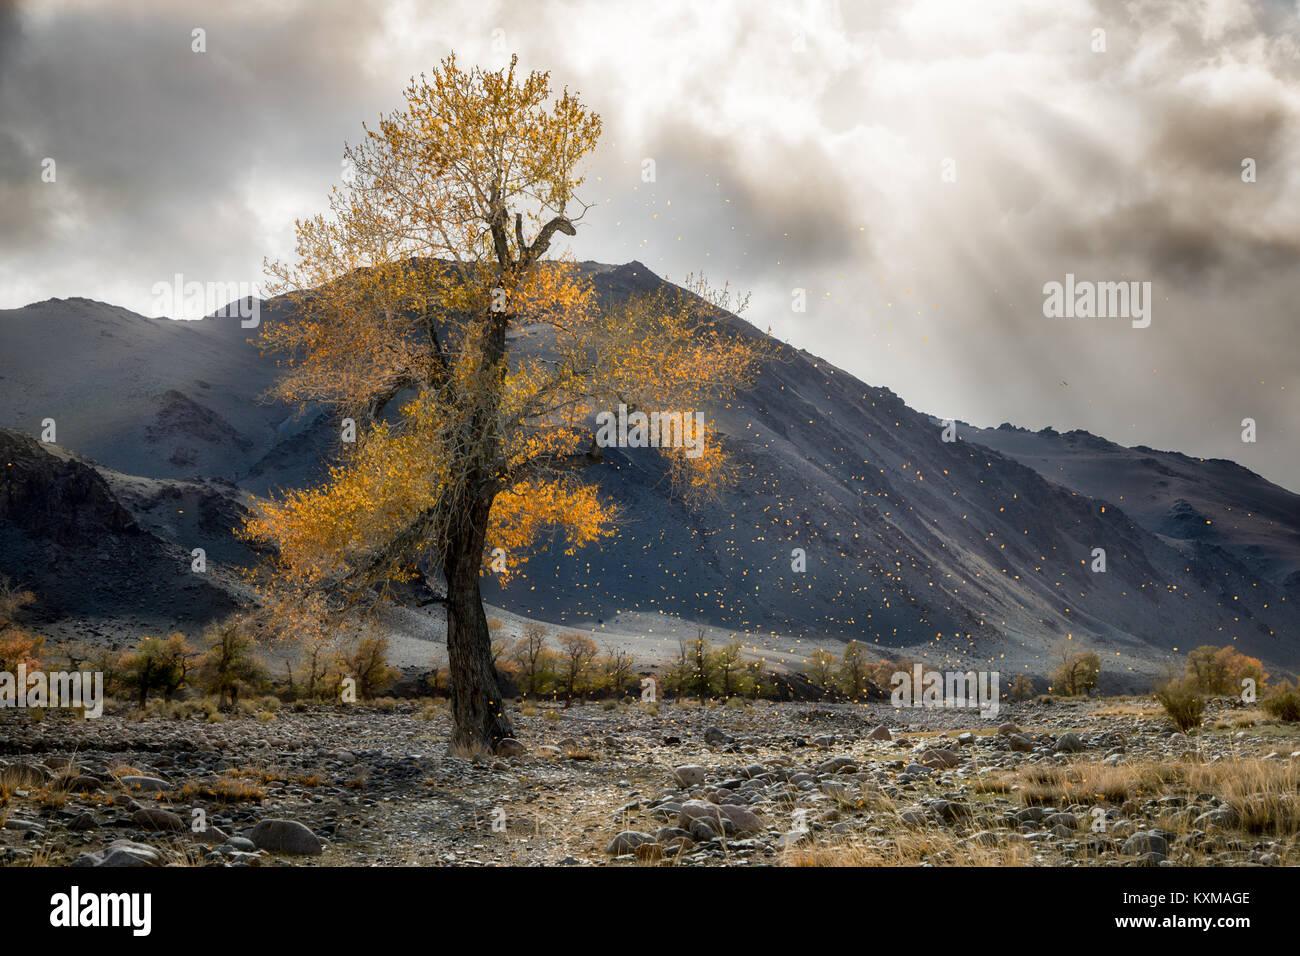 Mongolia giallo di foglie di albero paesaggio fall river bank raggi del sole Immagini Stock